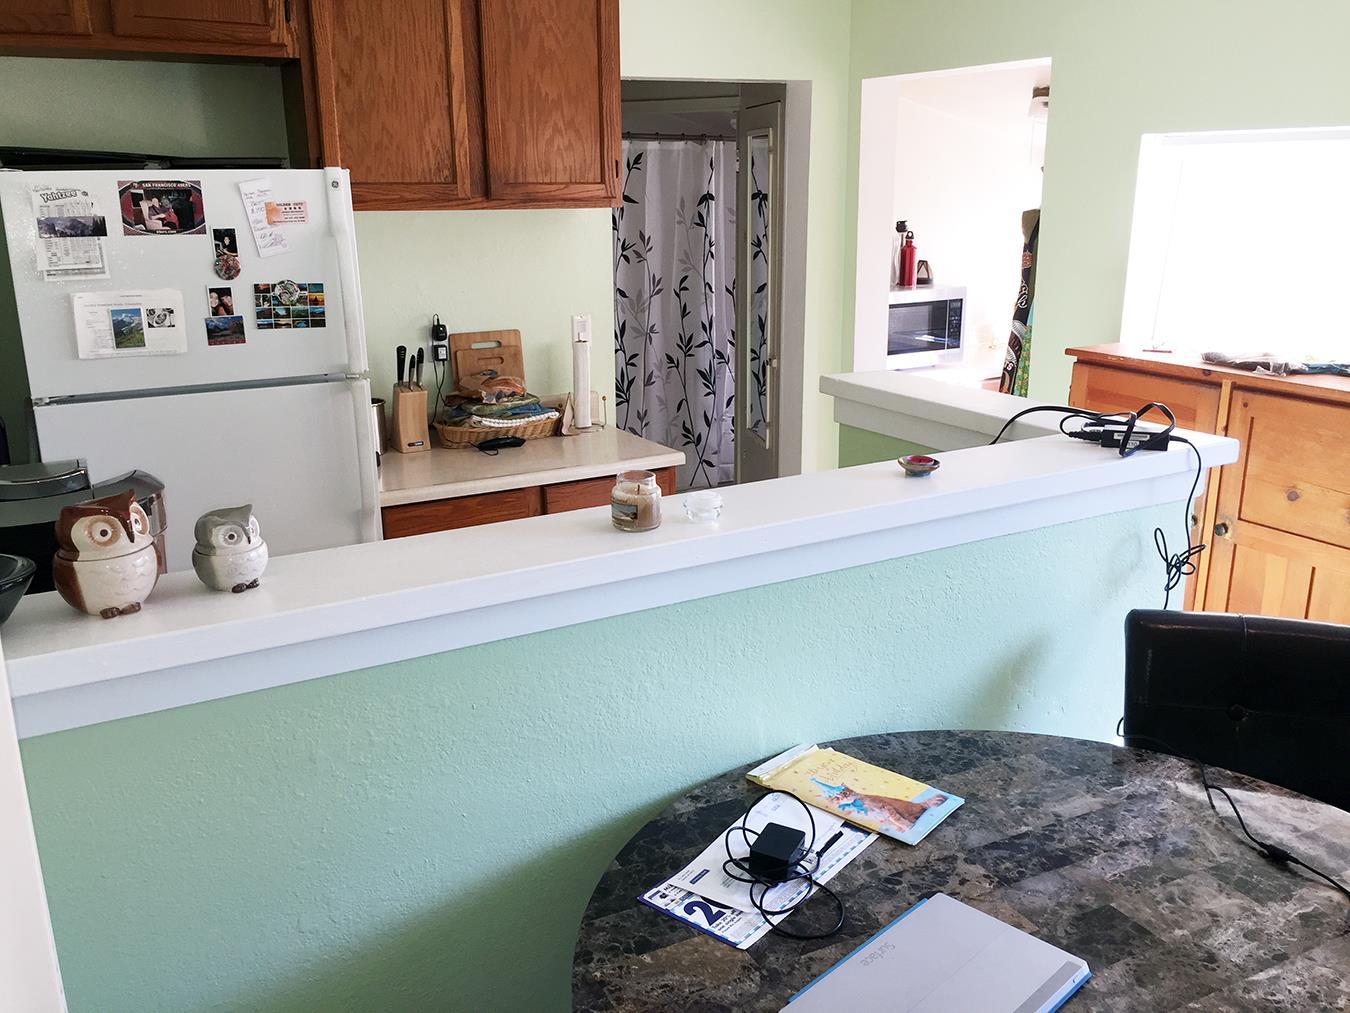 678 El Rancho , Santa Cruz, CA 95060 $529,000 www.pattykindig.com ...